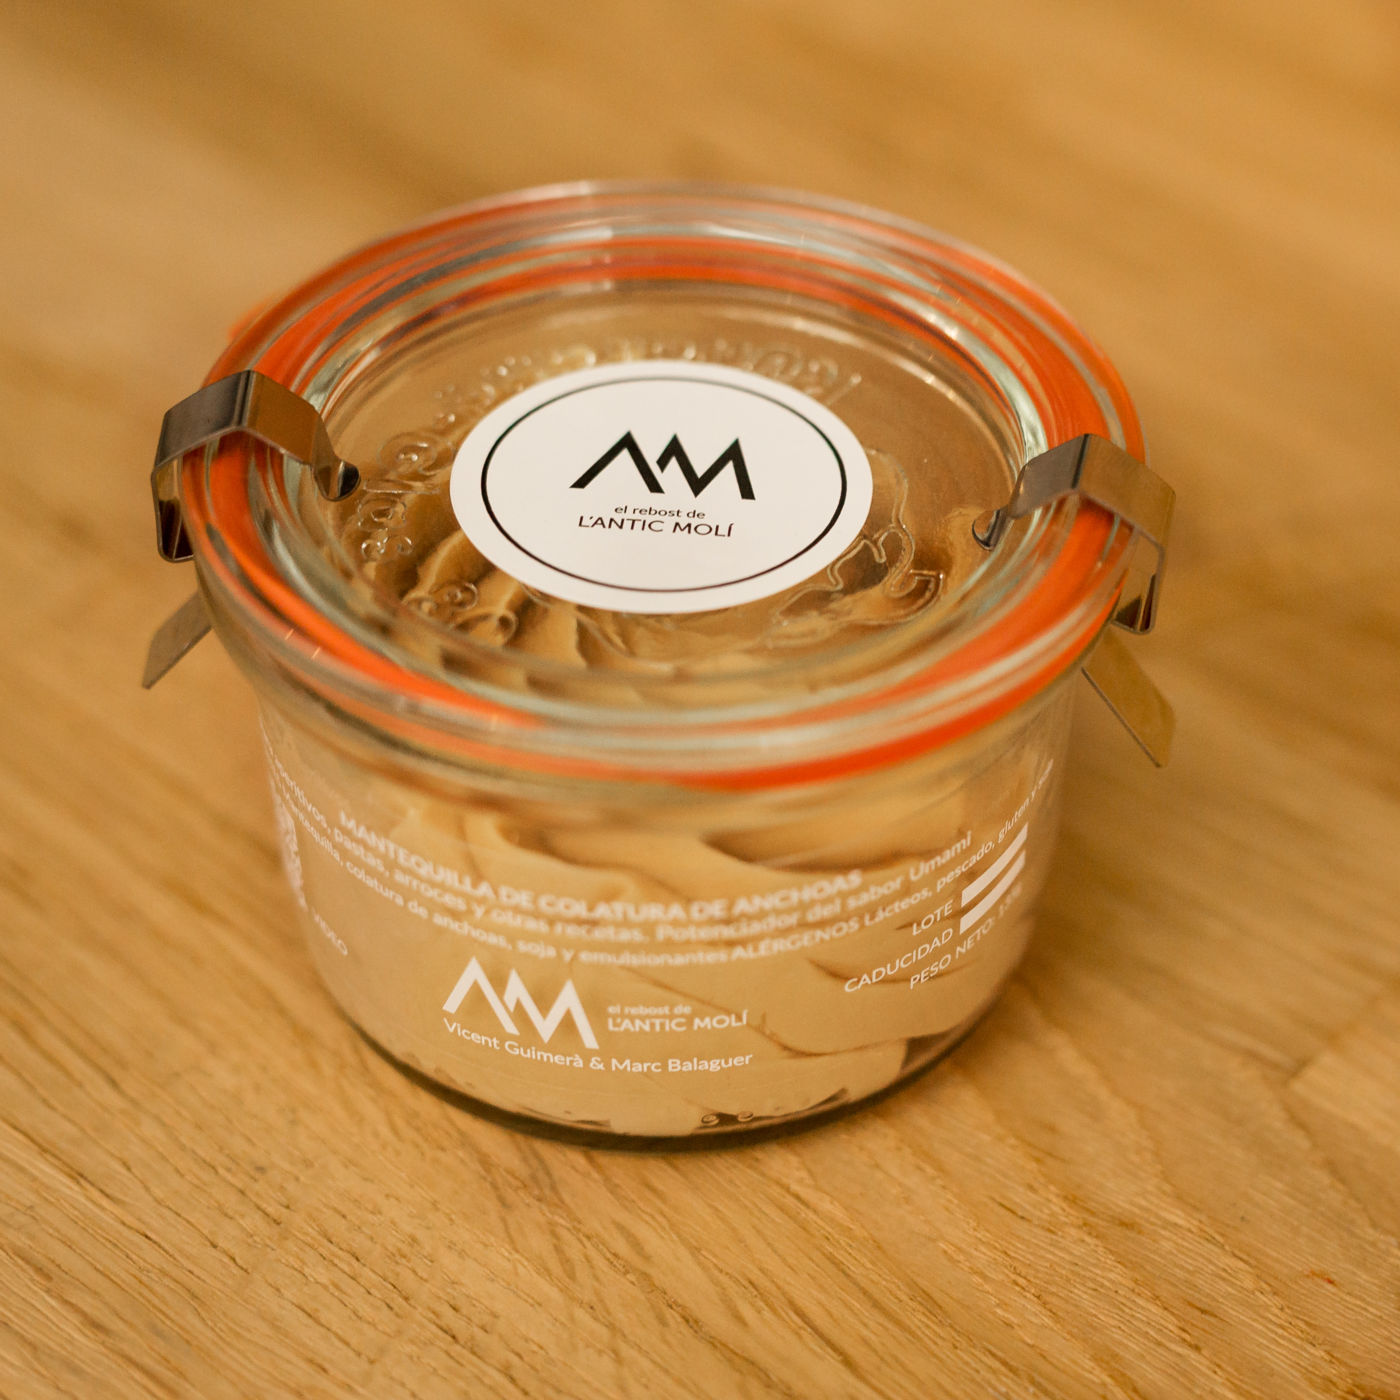 mantequilla de coladura de anchoas-rebost antic moli-1